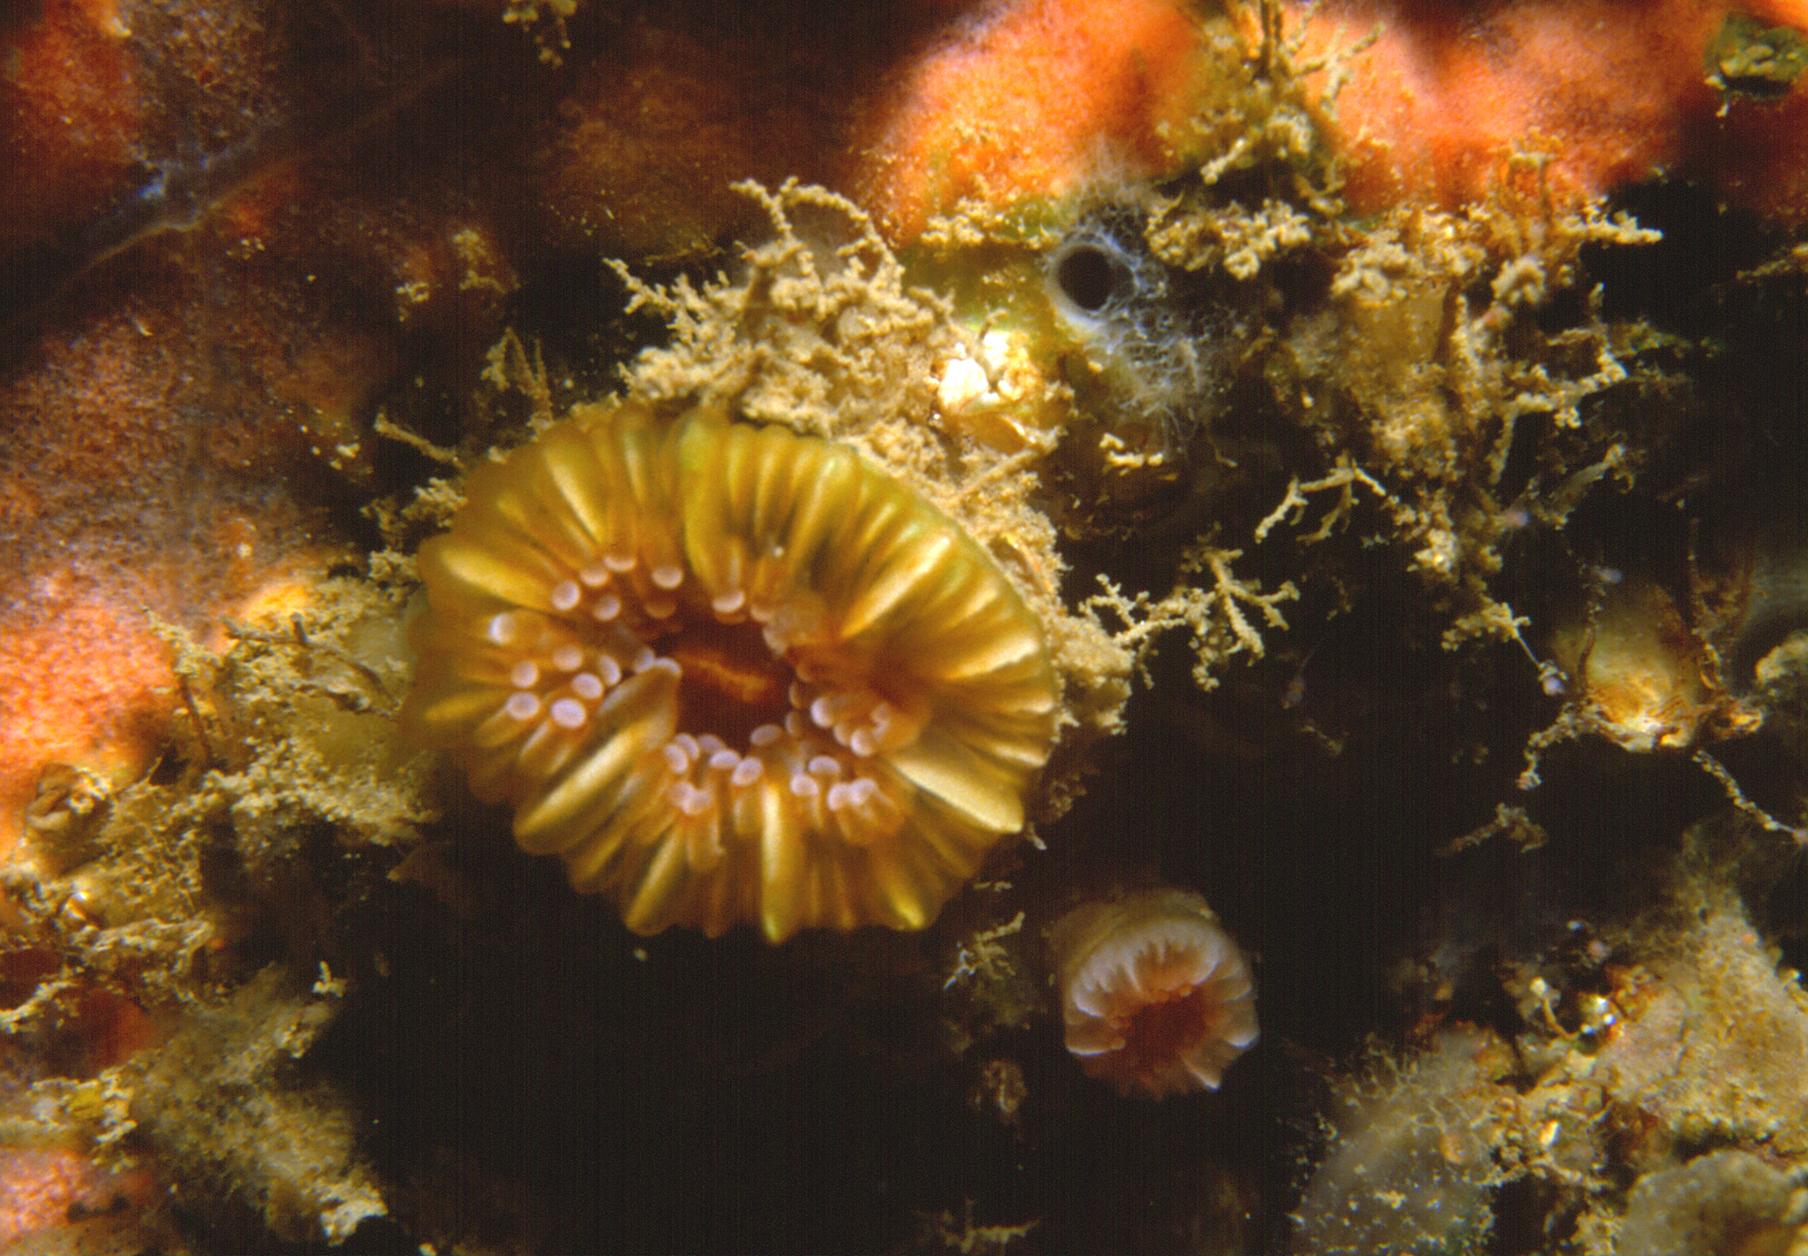 Caryophyllia smithi Stokes & Broderip, 1828